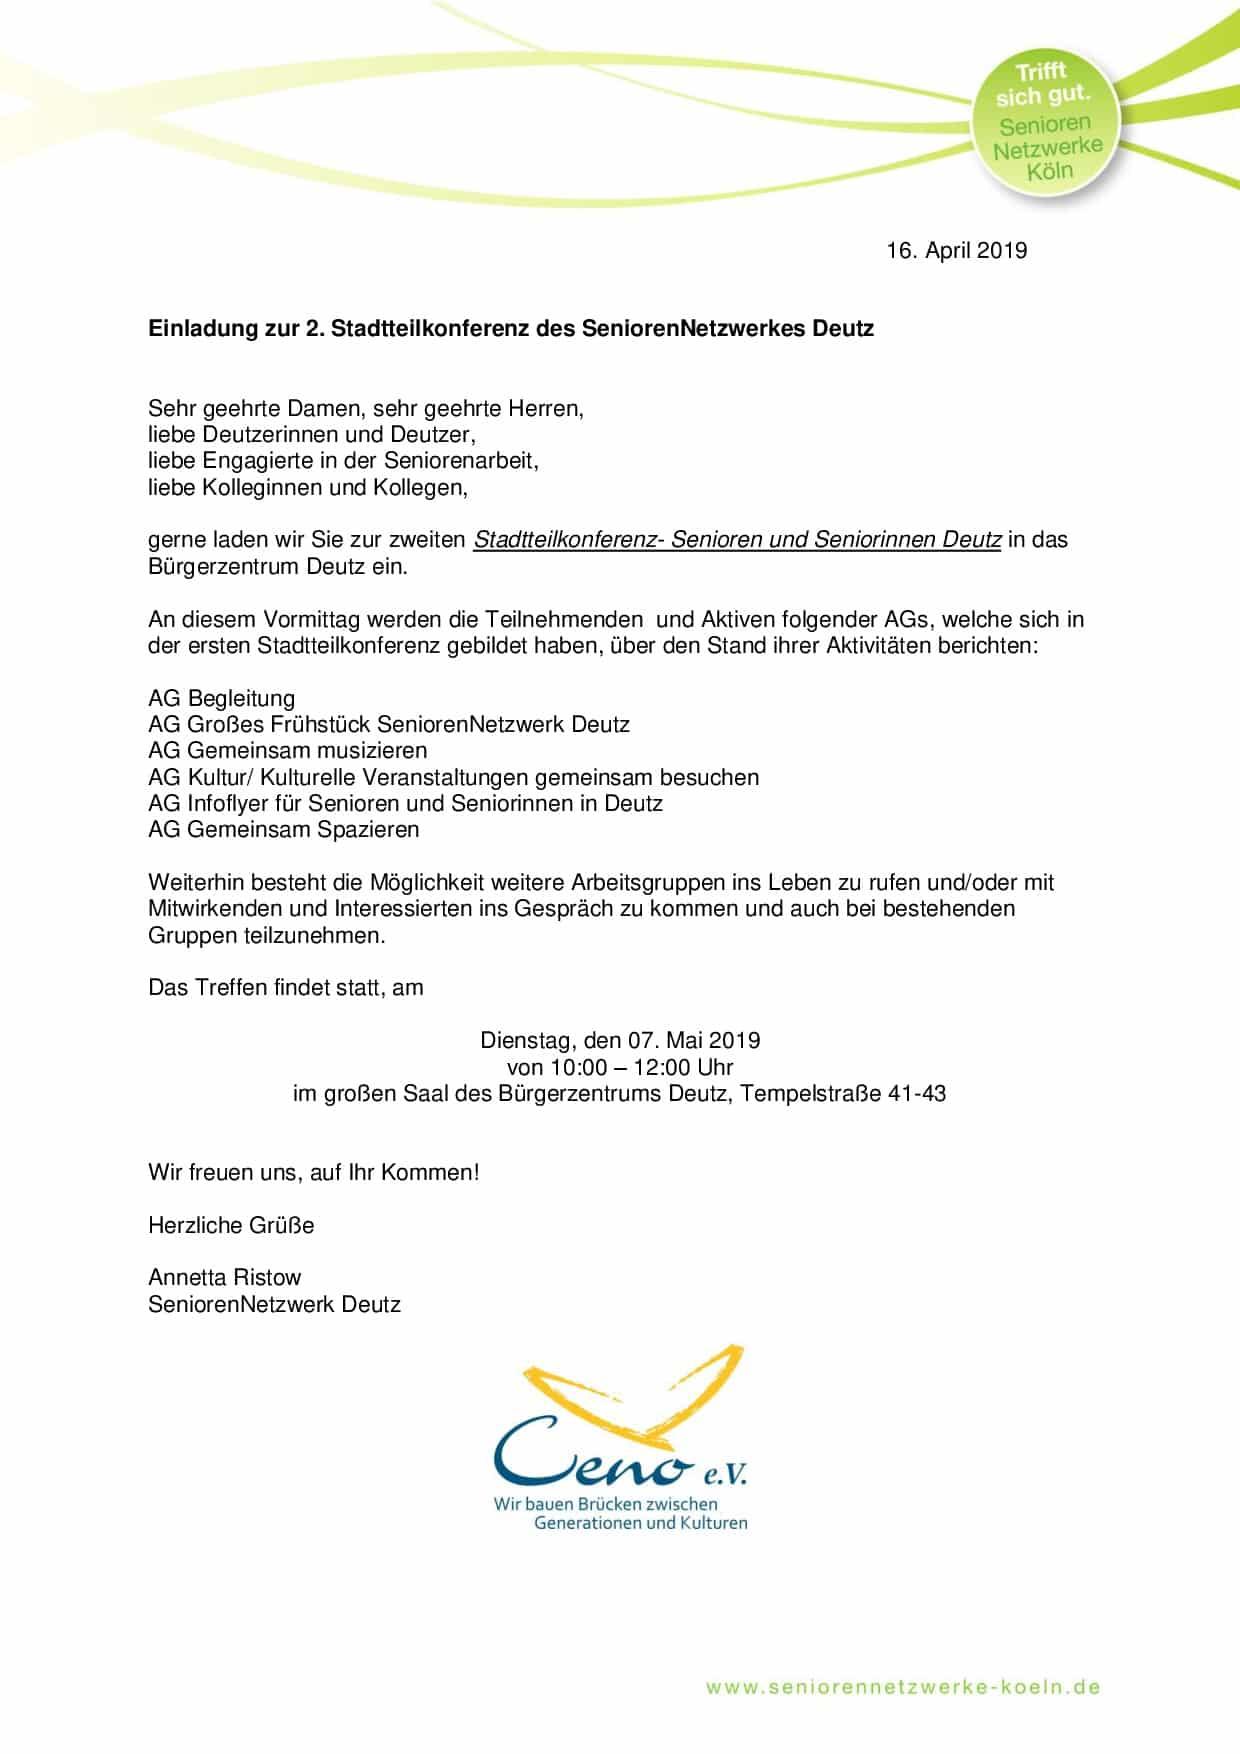 Einladung 2. Stadtteilkonferenz SeniorenNetzwerkDeutz